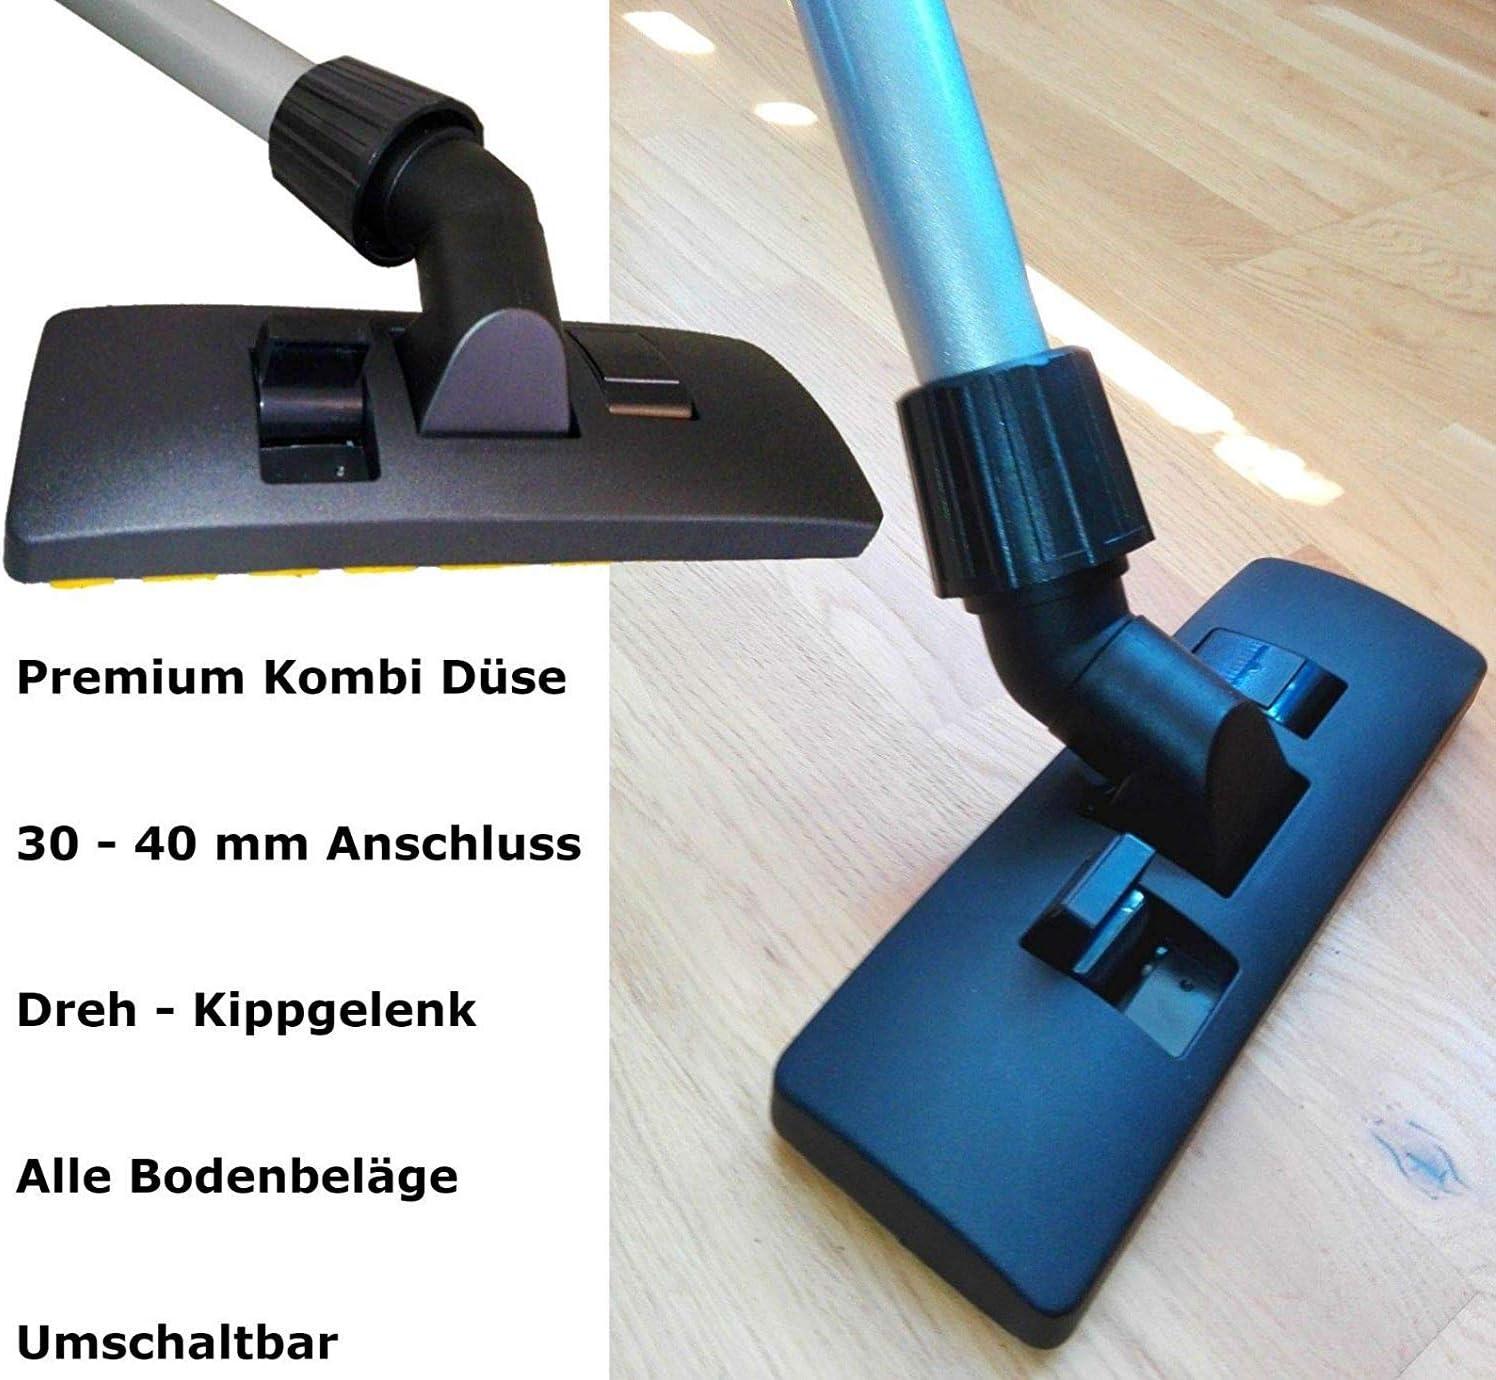 Maxorado - Boquilla universal para aspiradora (30-40 mm, compatible con aspiradoras industriales Festool D 36 BD 370 452907 300 203429, compatible con aspiradoras D36): Amazon.es: Hogar